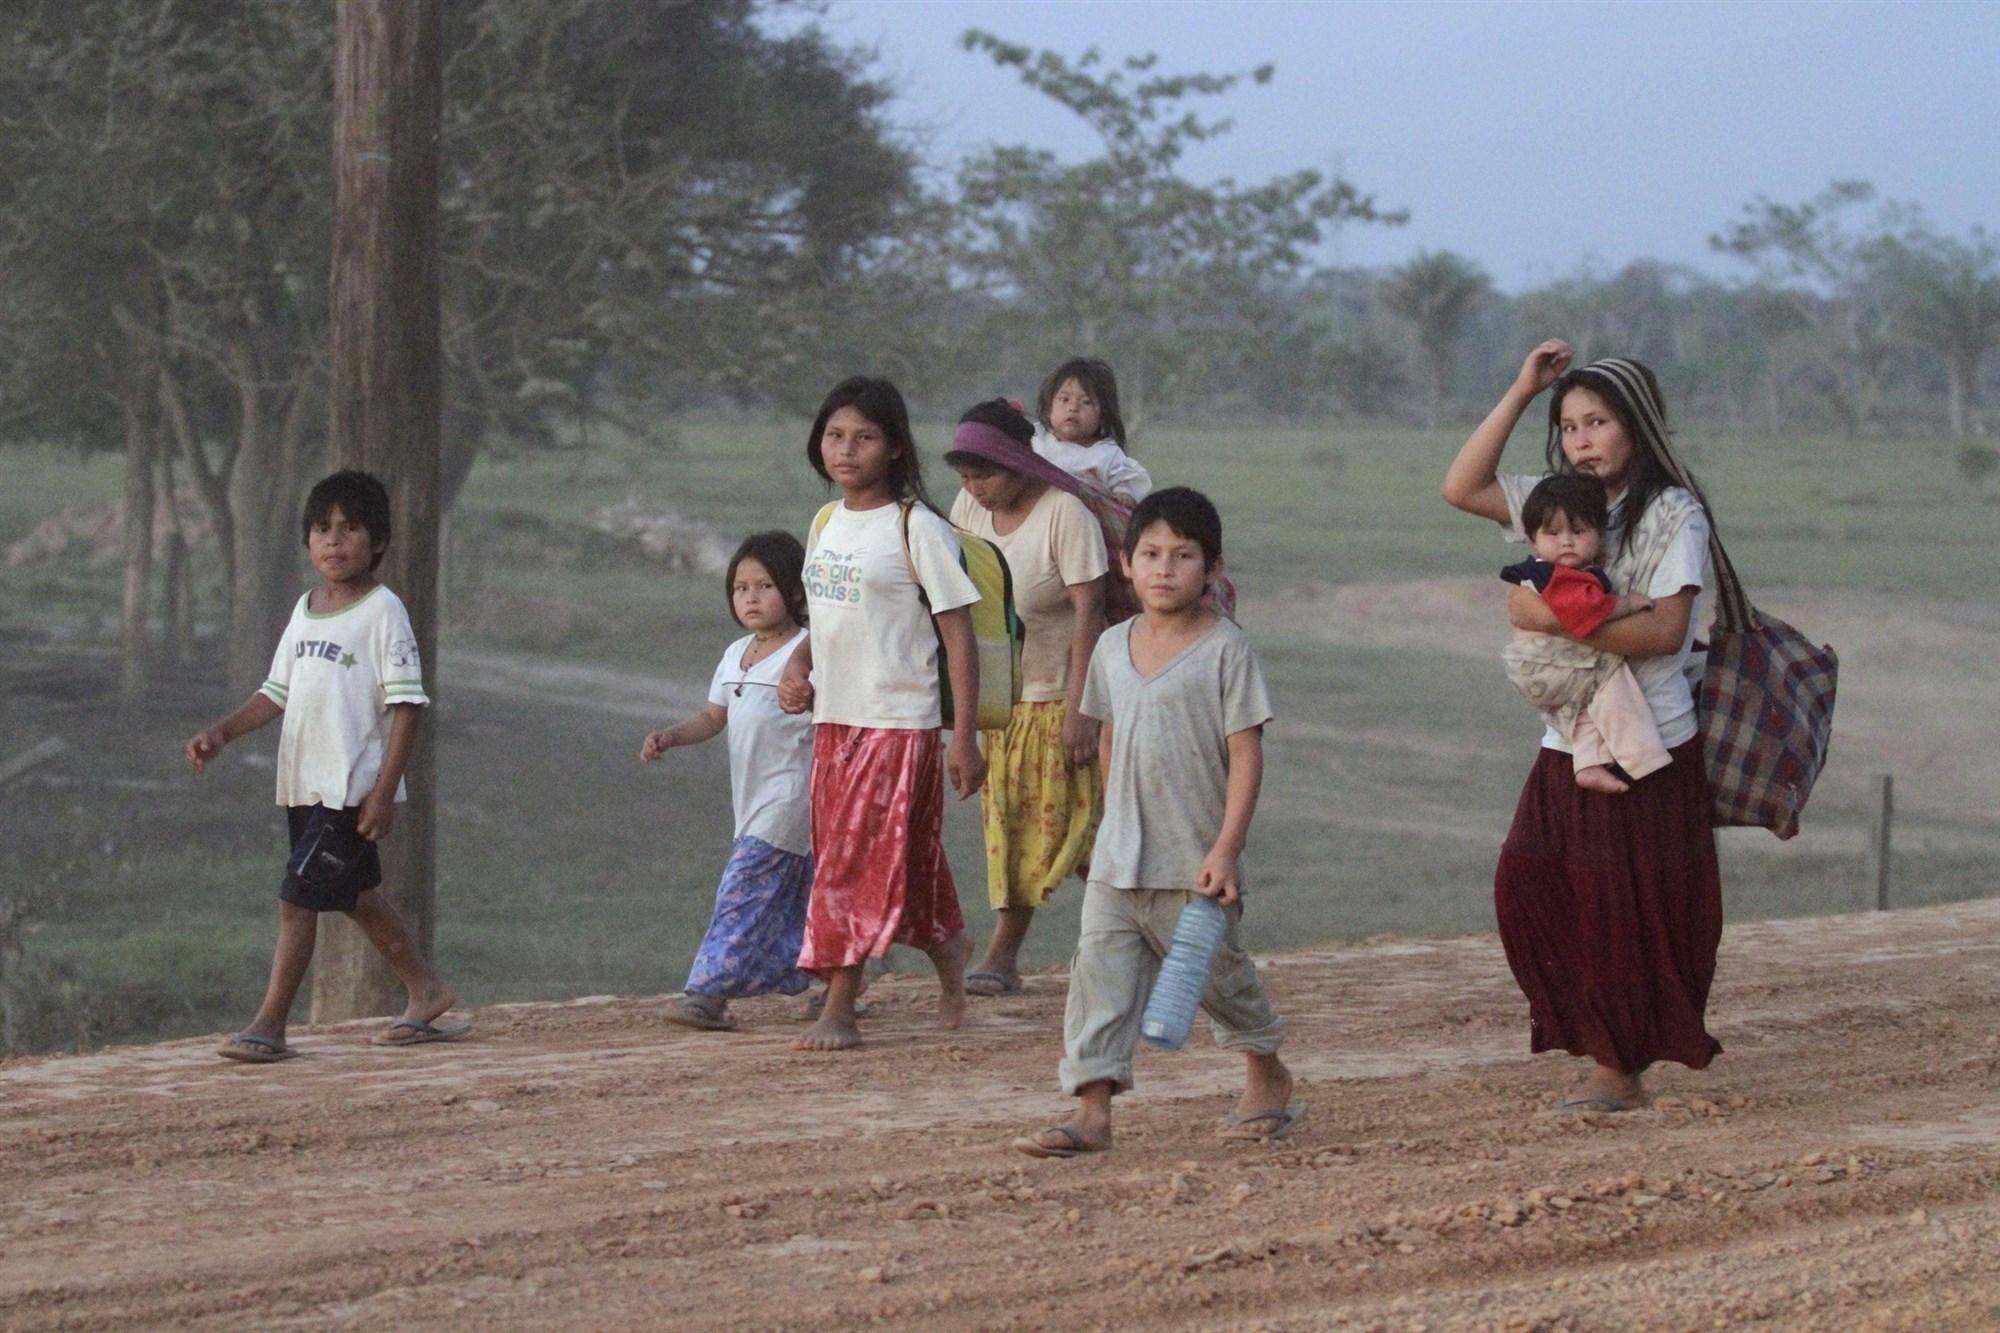 انگل، سر پا بودن و زود خوابیدن؛ راز زندگی بومیانی که سالمترین قلبهای جهان را دارند